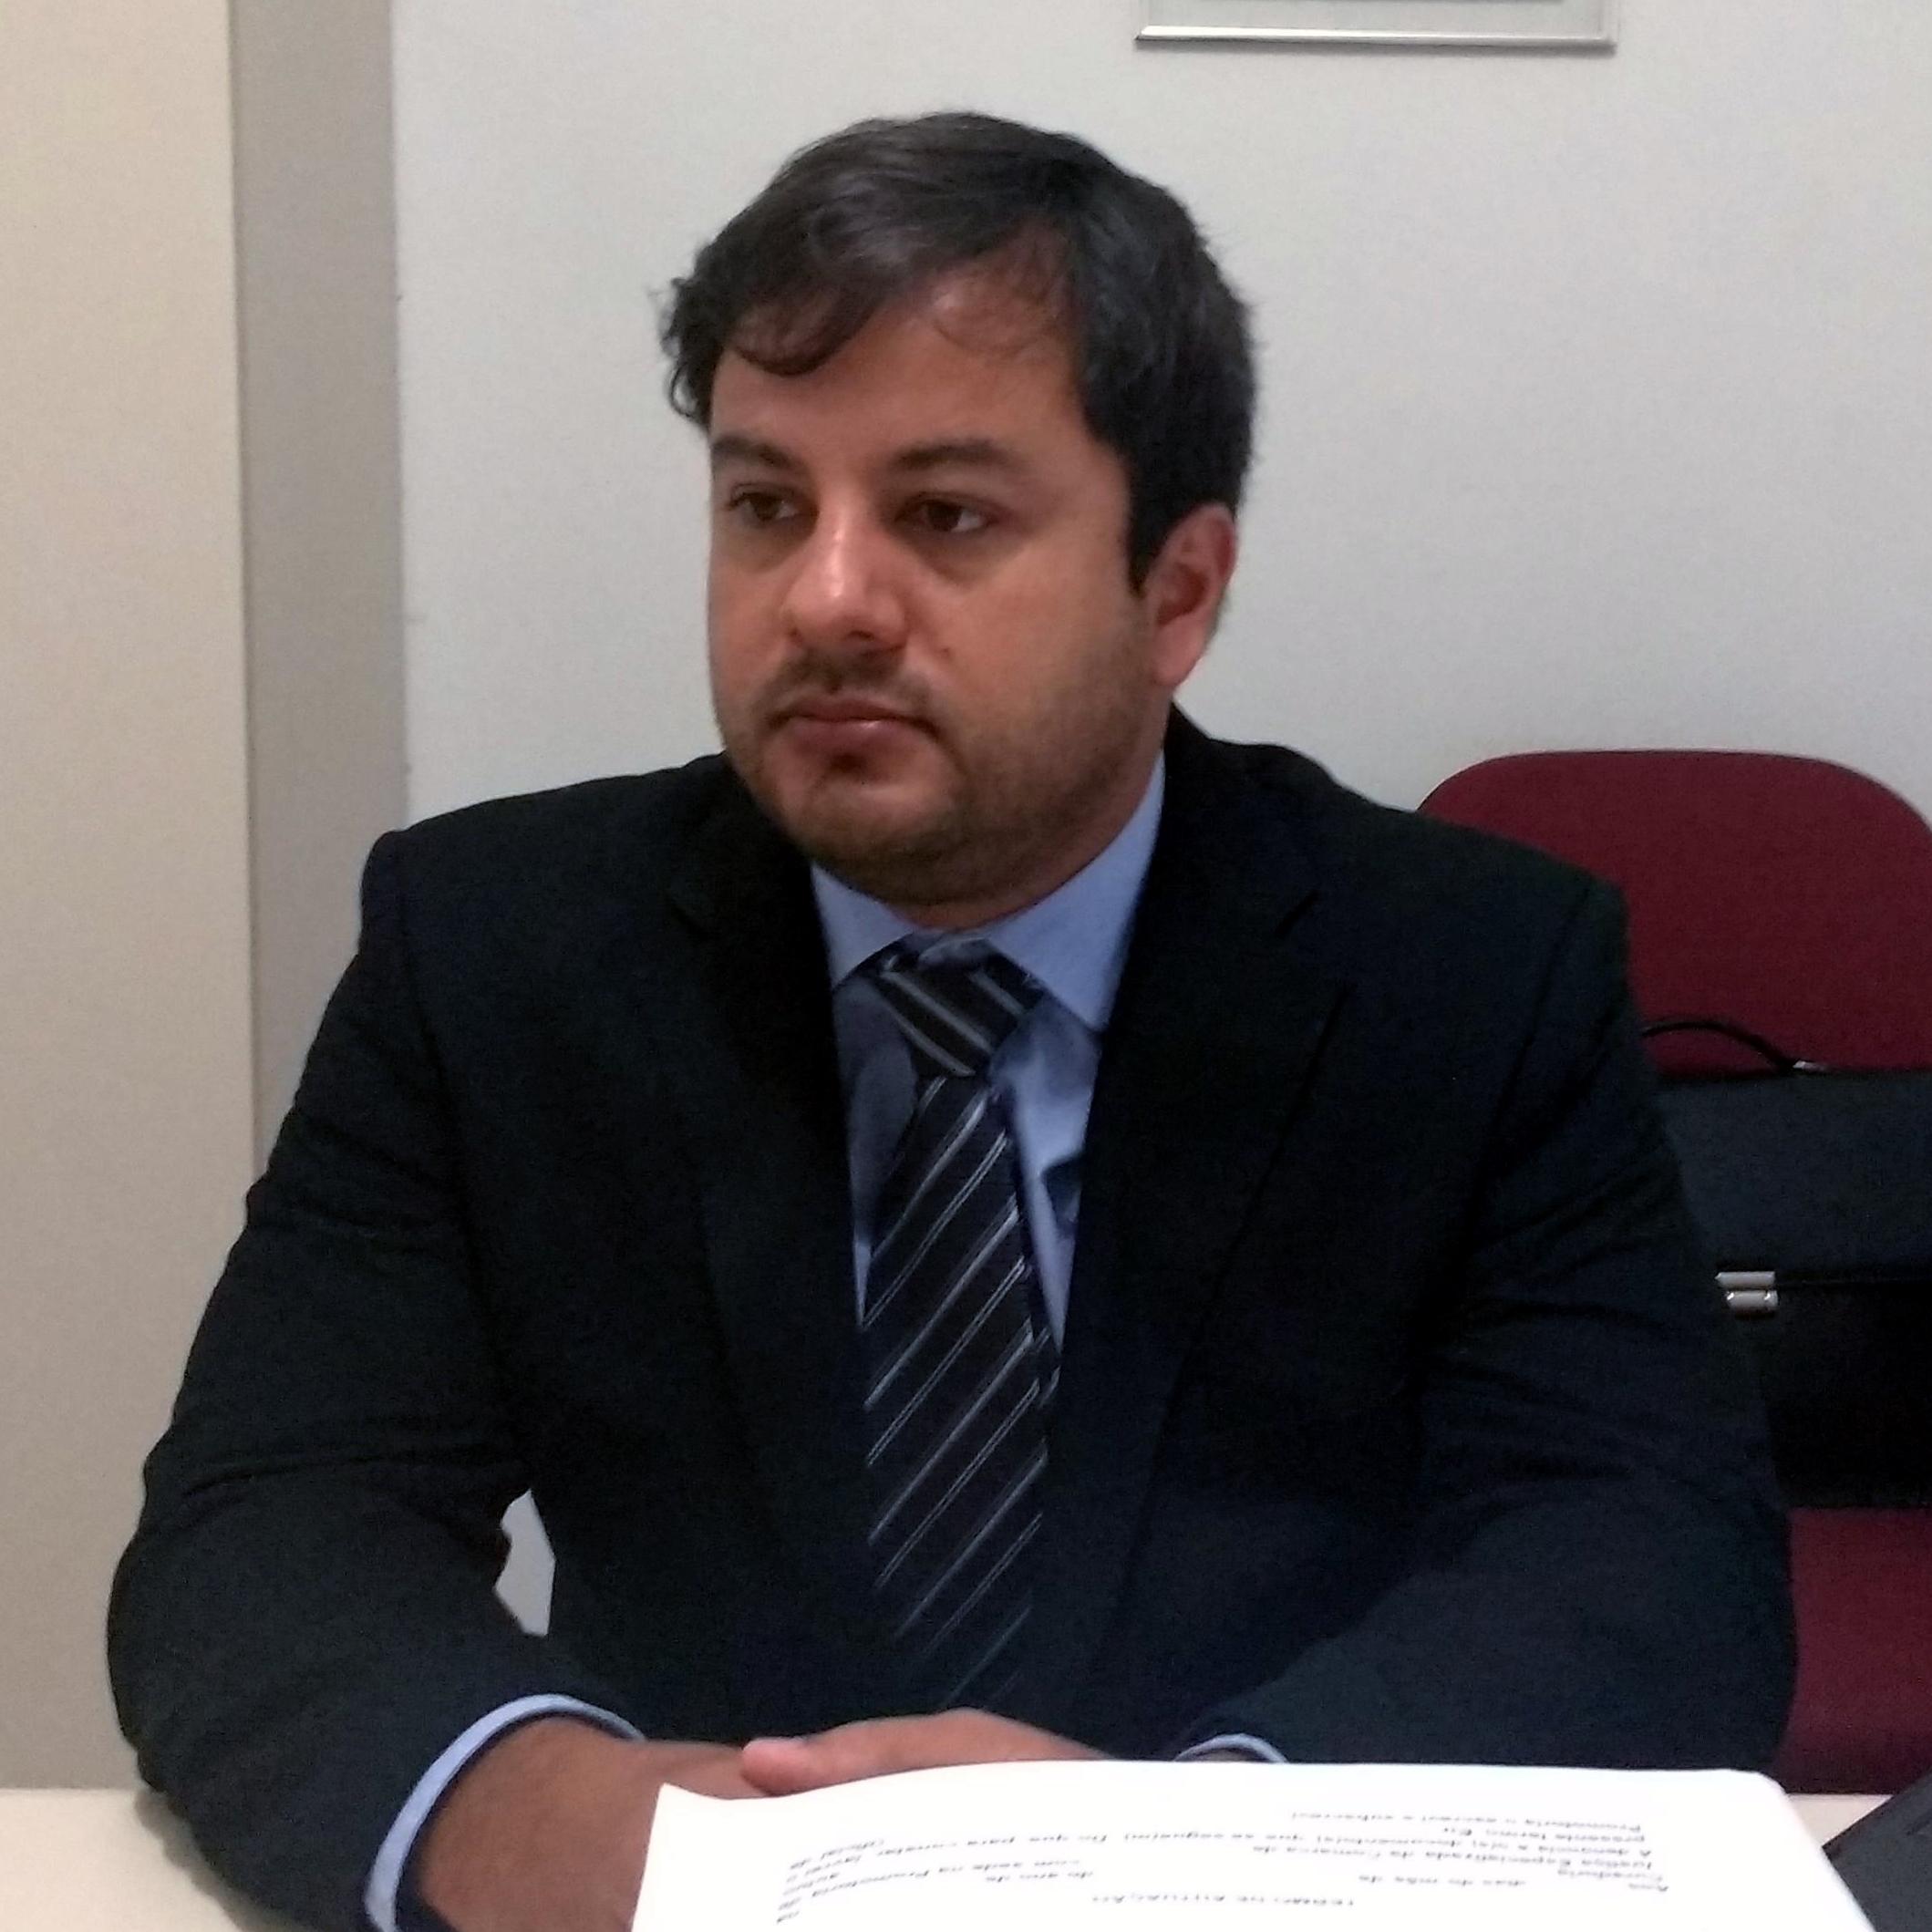 Alberto Vinícius Cartaxo da Cunha